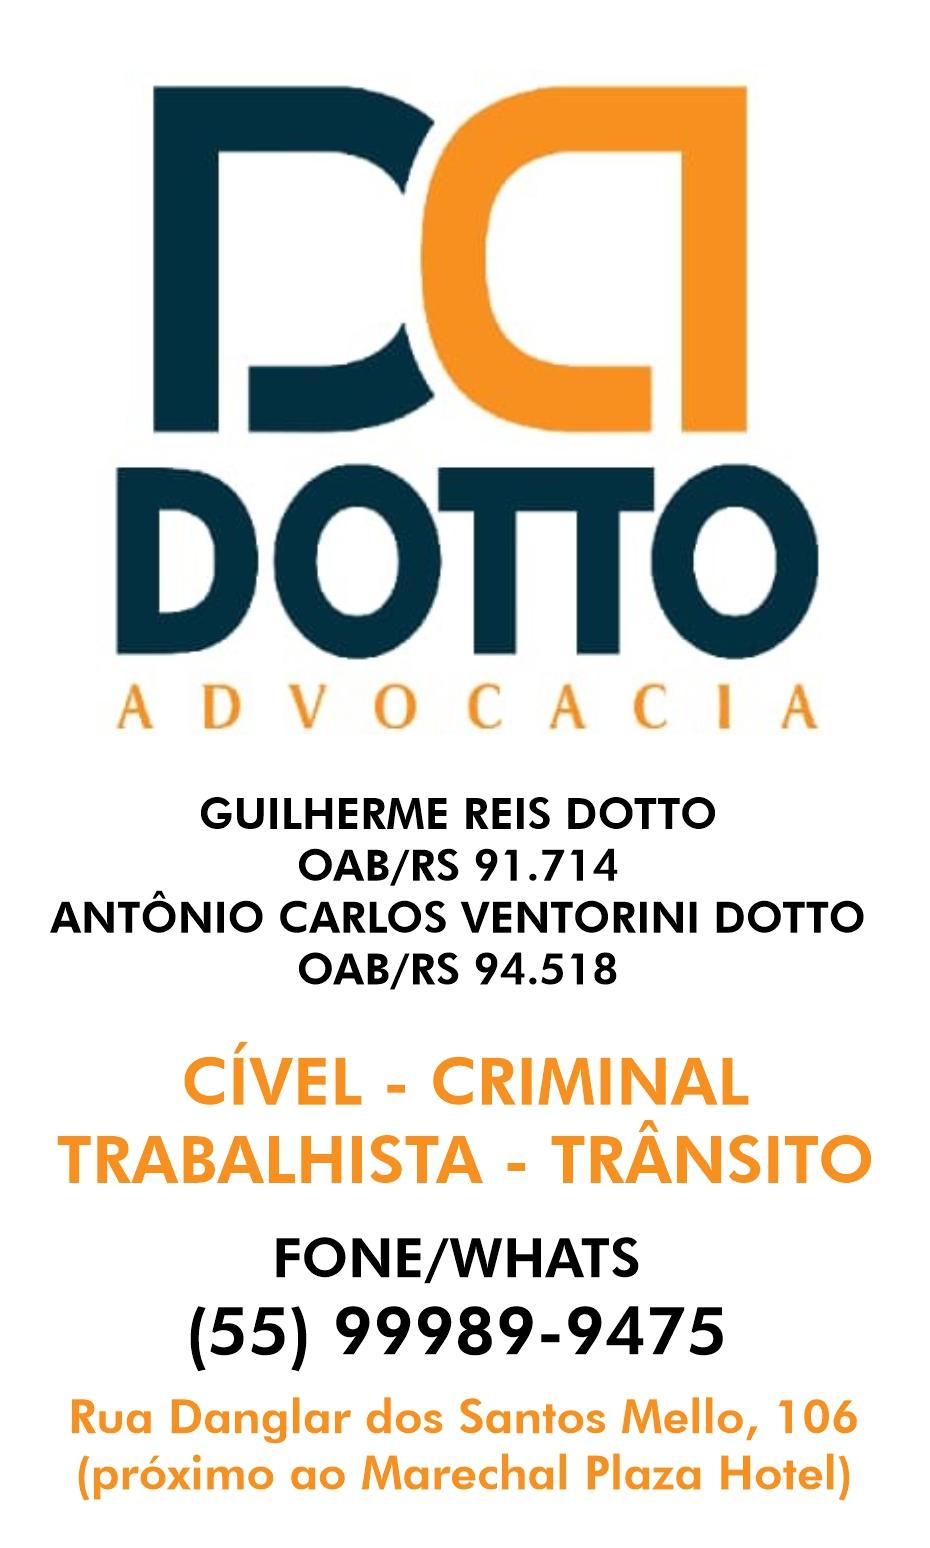 Dotto Advocacia - Cível, criminal, trabalhista, trânsito - clique aqui para entrar no site